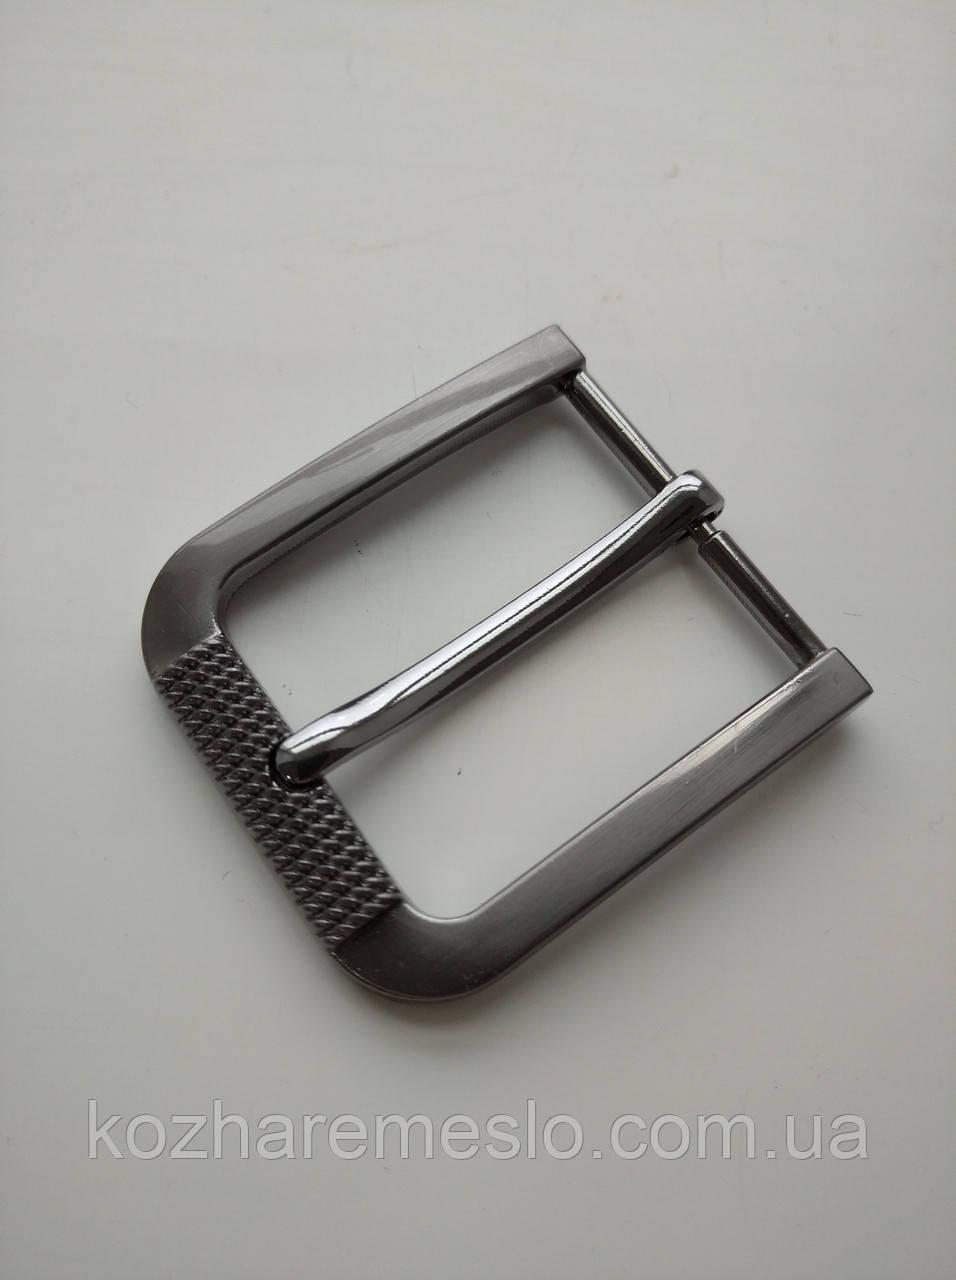 Пряжка литая для ремня 40 мм тёмный никель